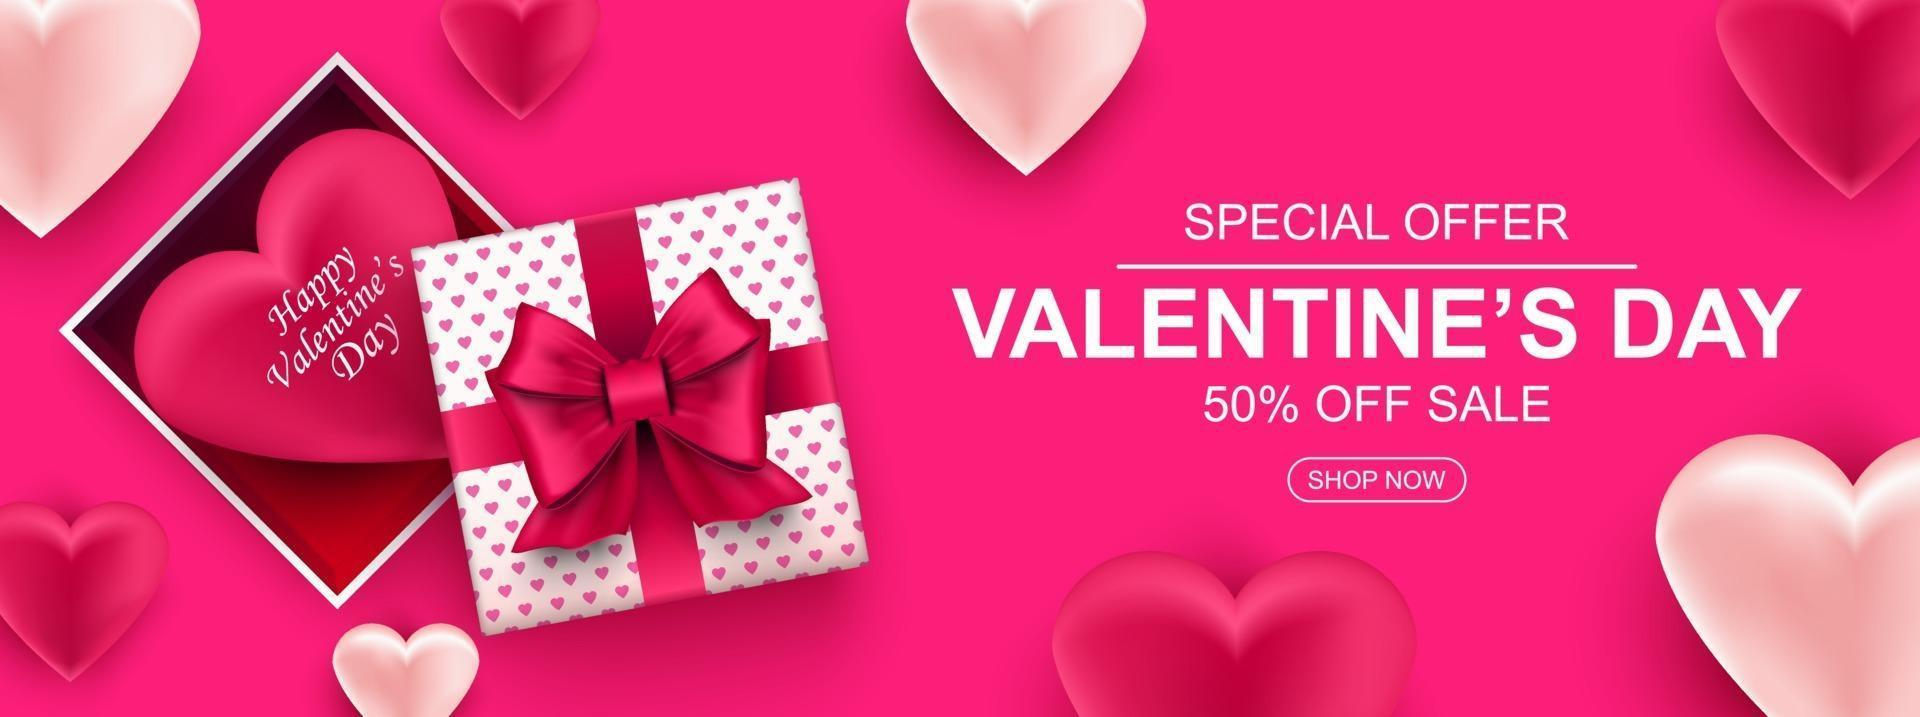 banner de web de venda de dia dos namorados. caixa de presente realista com arco e coração. vetor